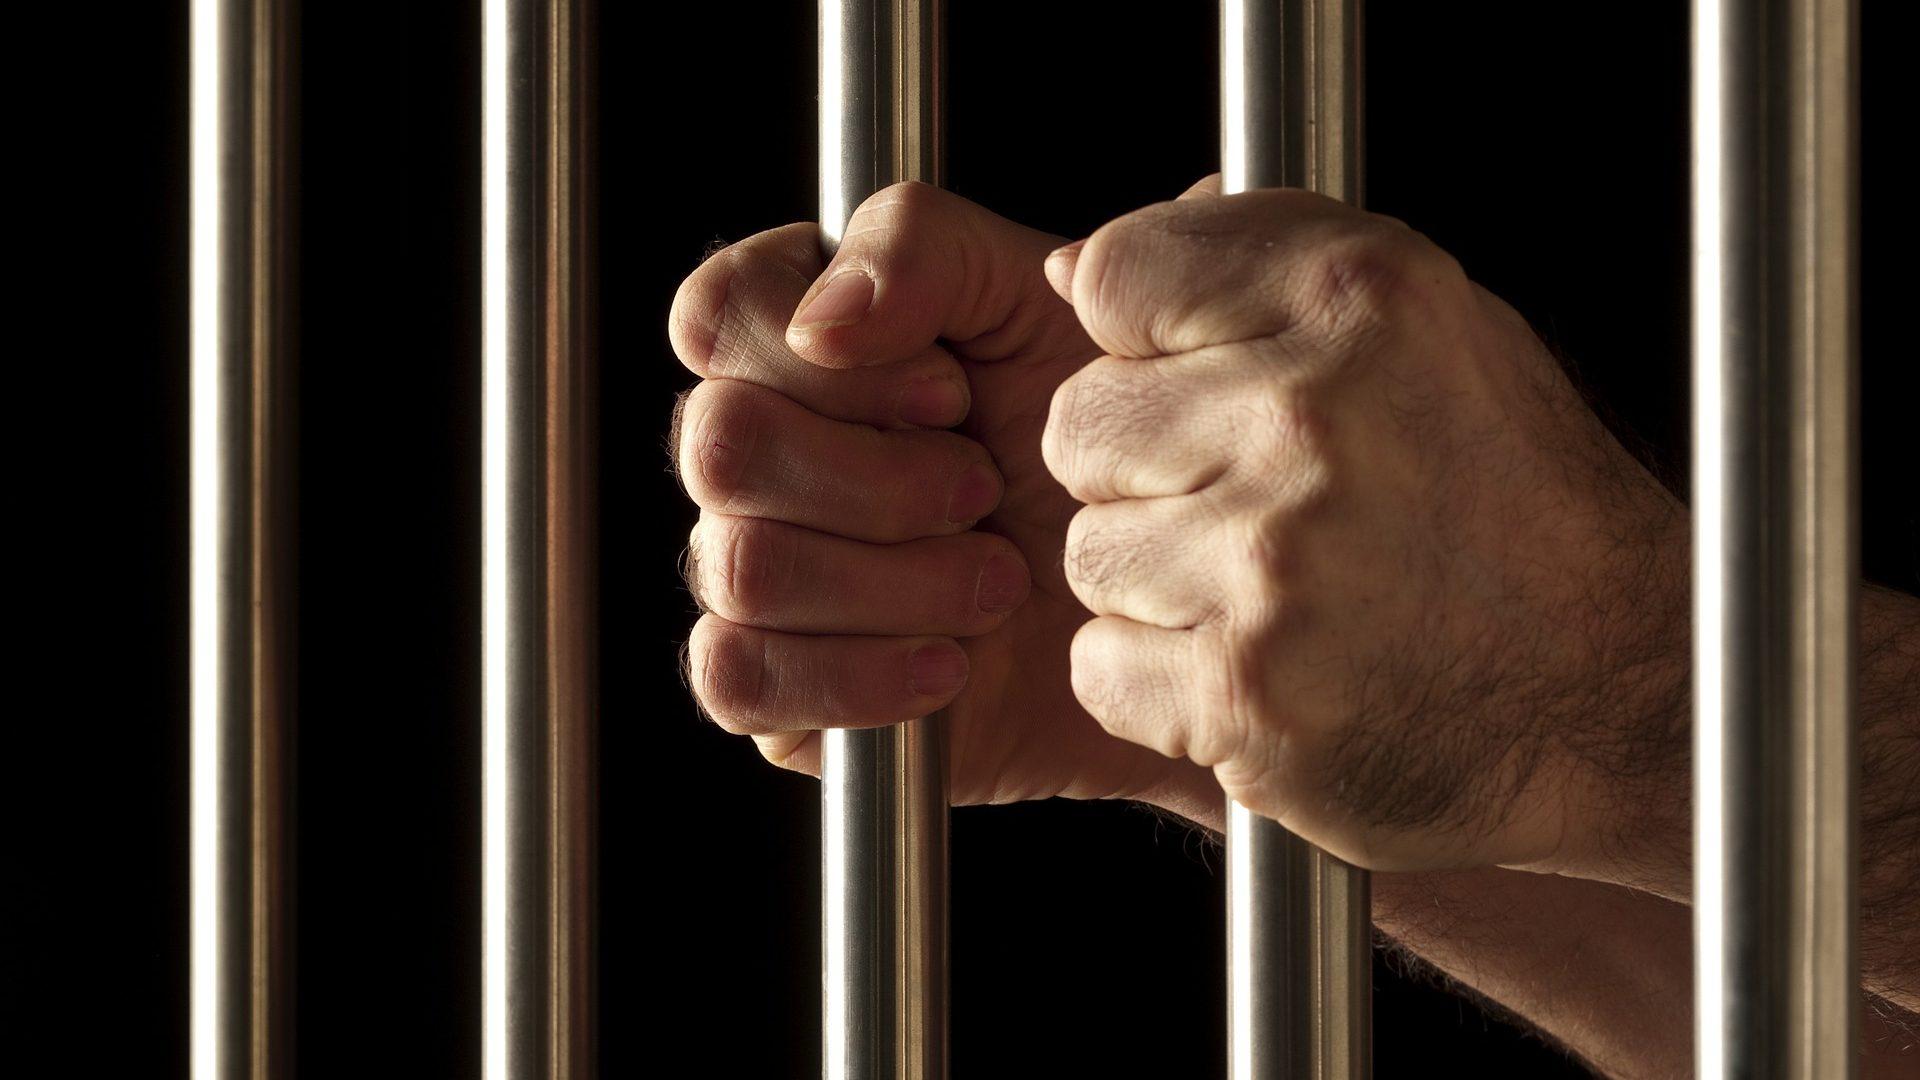 ארבעה מאסרי עולם נגזרו על המחבל שרצח שני חיילים ותינוק